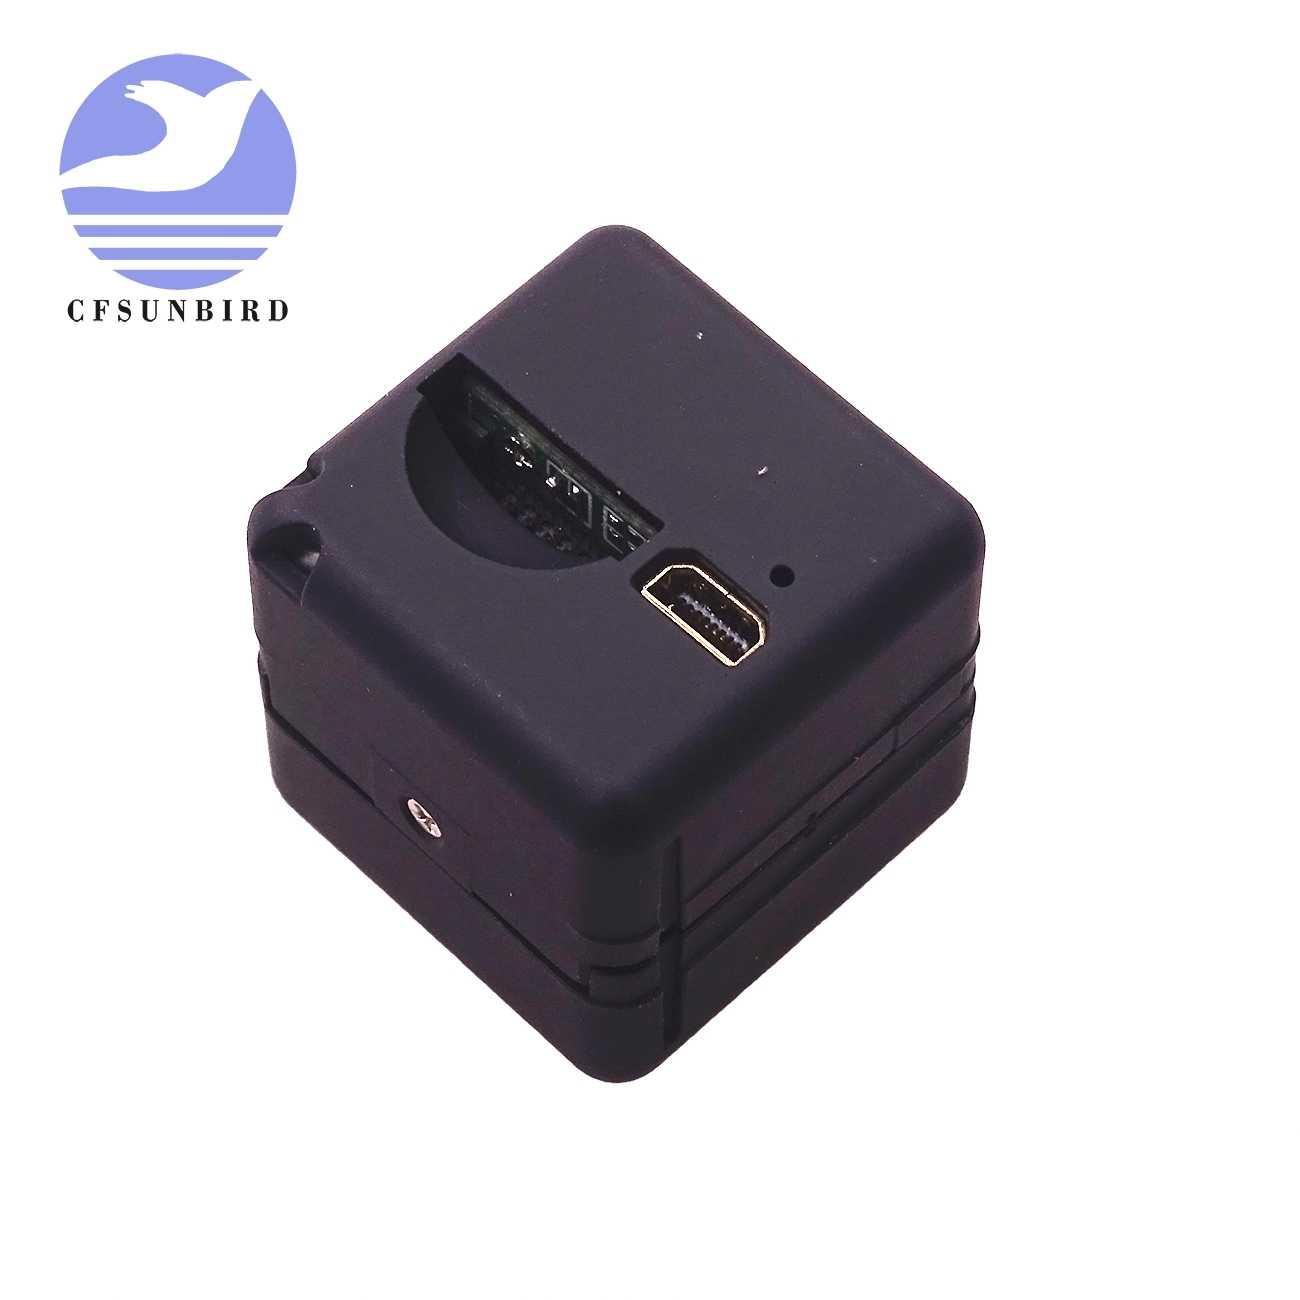 SQ11 HD ミニカメラ小型カム 1080 1080p センサーナイトビジョンビデオカメラマイクロビデオカメラ DVR DV モーションレコーダービデオカメラ平方 11 SQ9